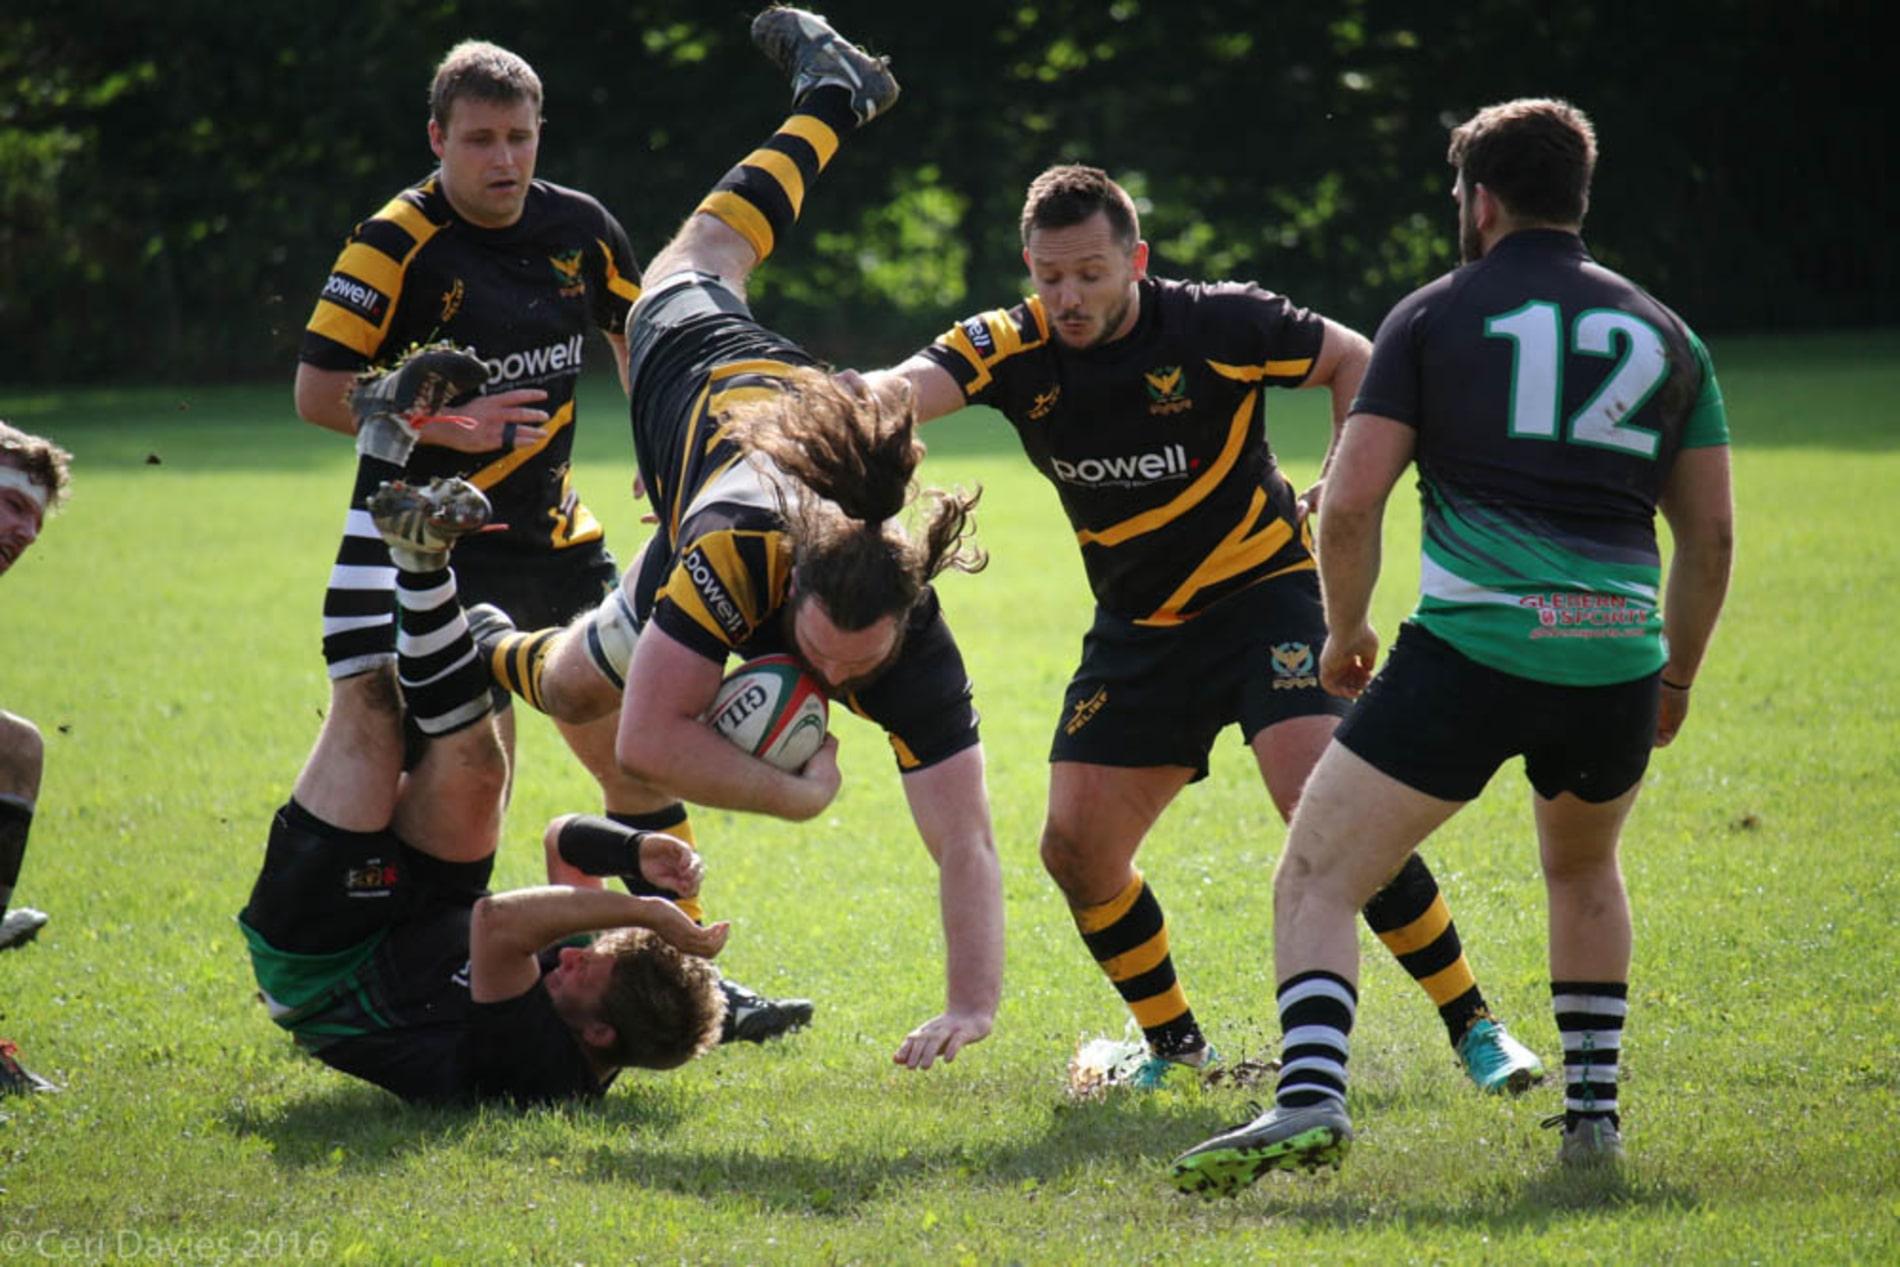 Llandaff mens rugby